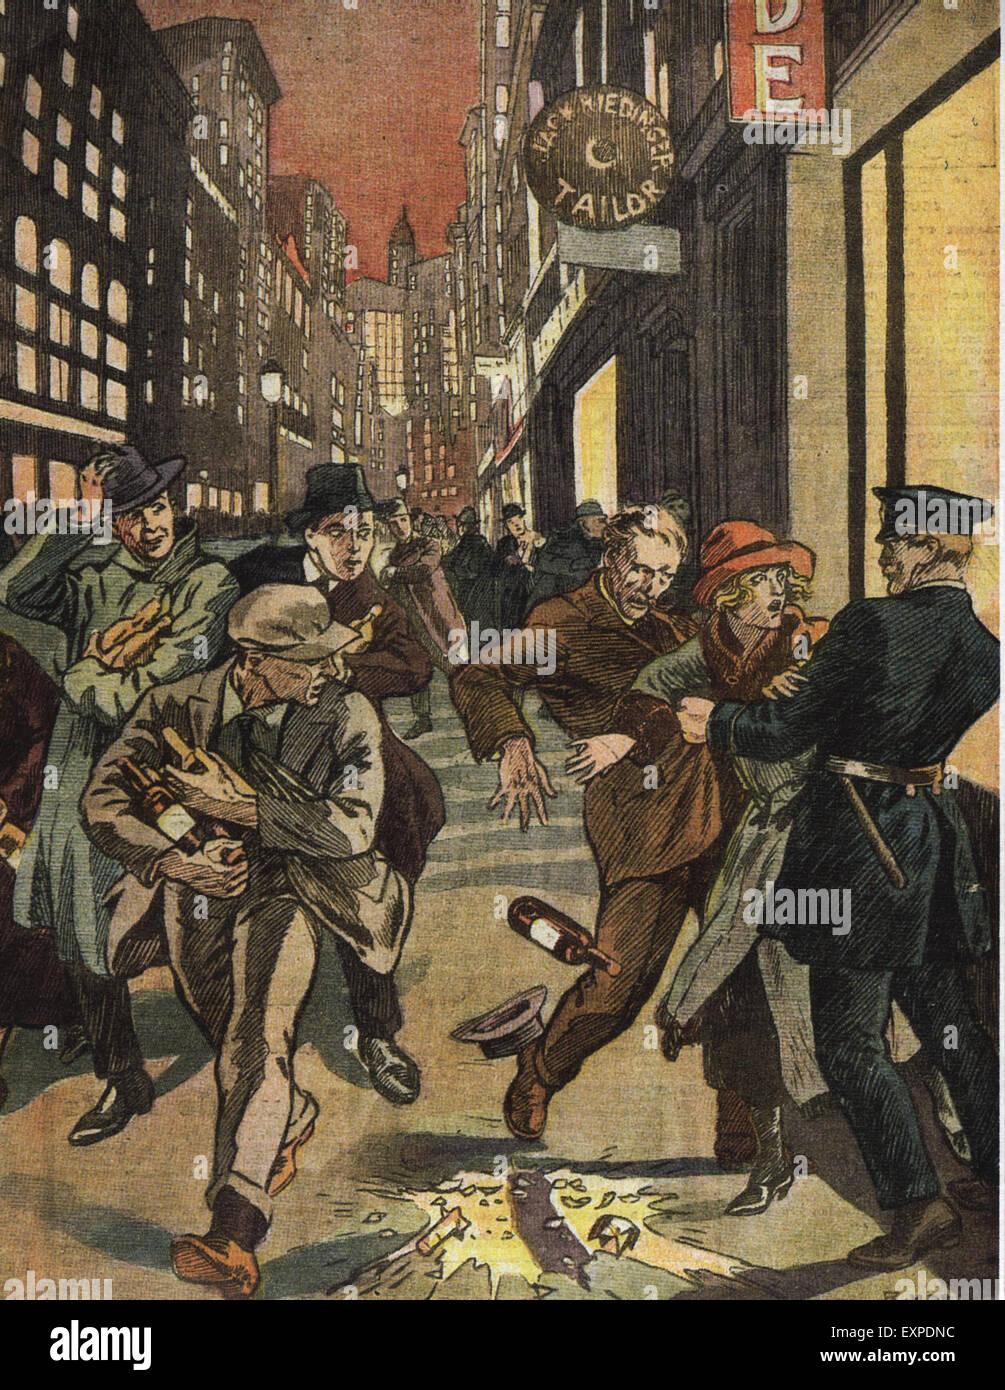 1920er Jahren USA Verbot Magazin Platte Stockbild